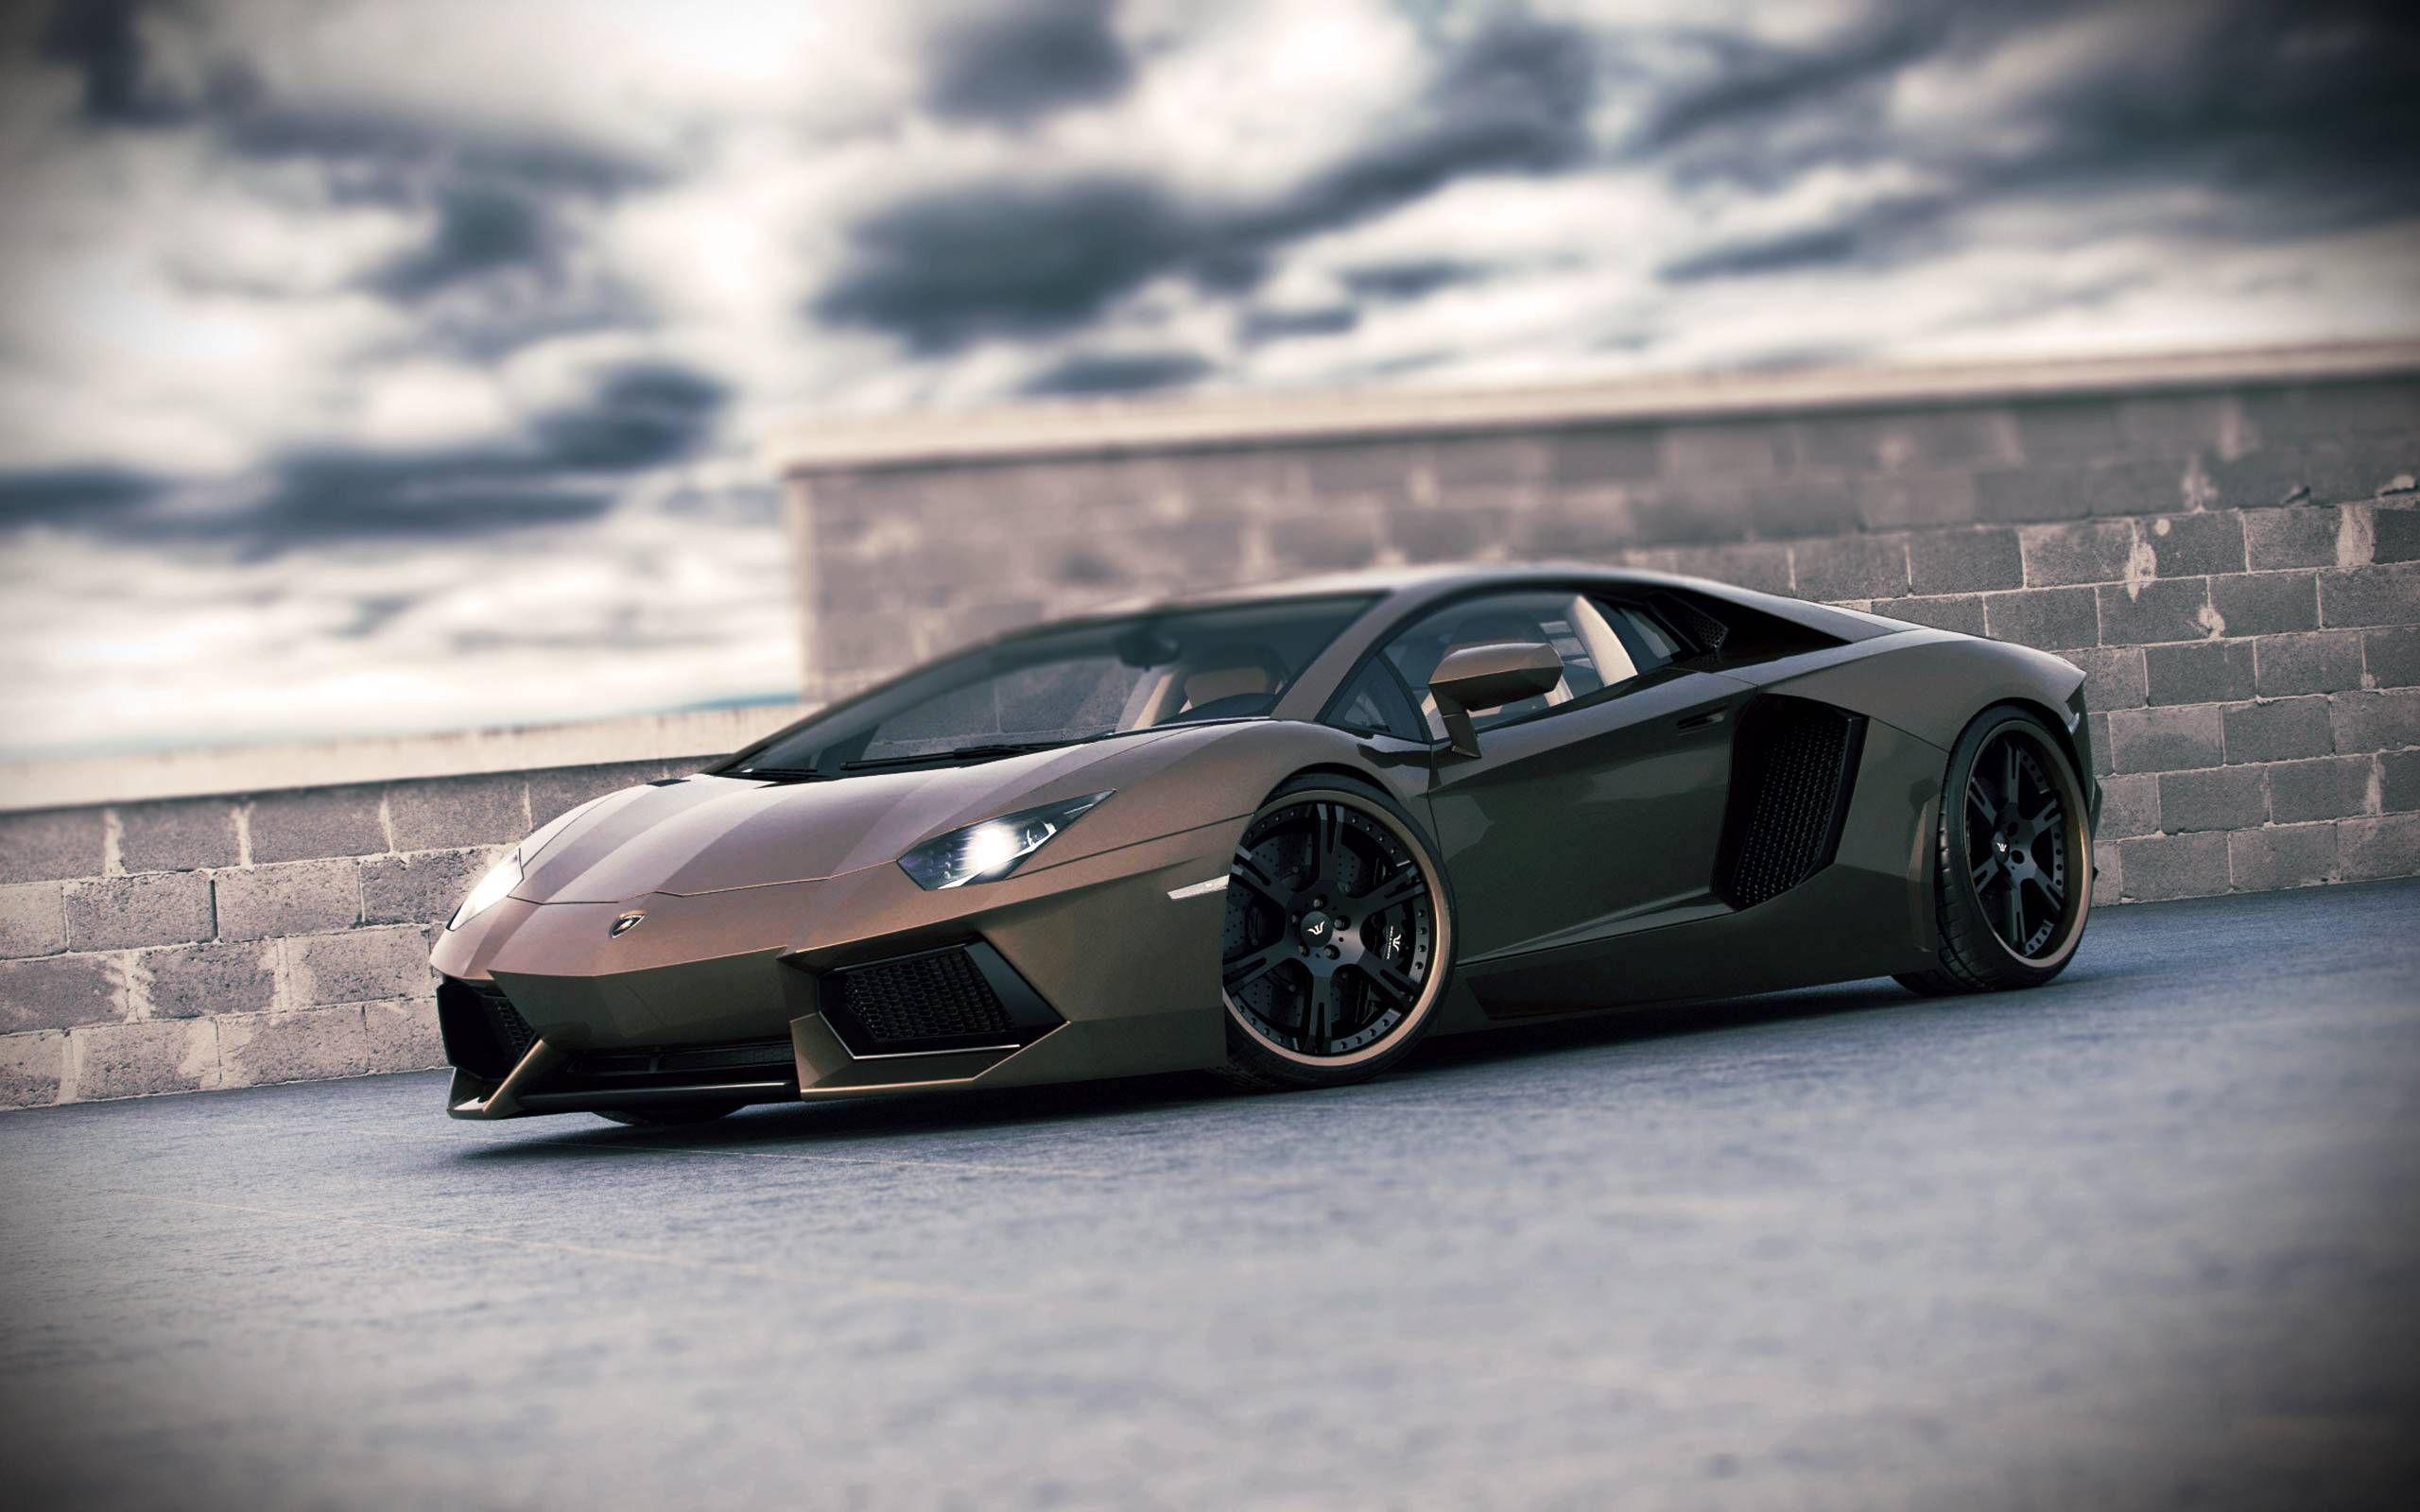 Lamborghini Wallpaper Images